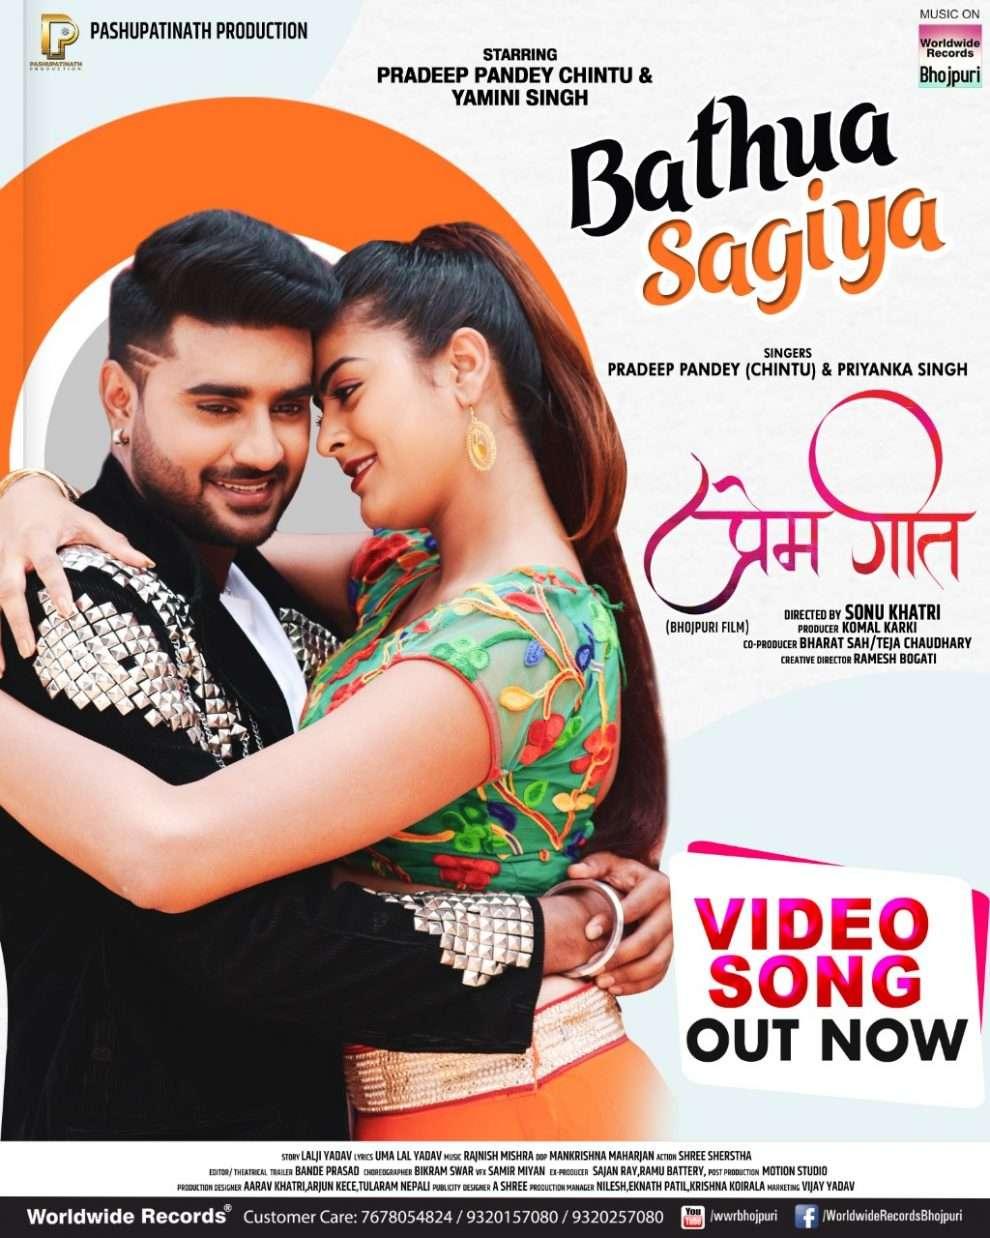 प्रदीप पांडेय चिन्टू, यामिनी सिंह की 'प्रेम गीत' का गाना 'बथुआ सगिया' रिलीज होते ही हुआ वायरल